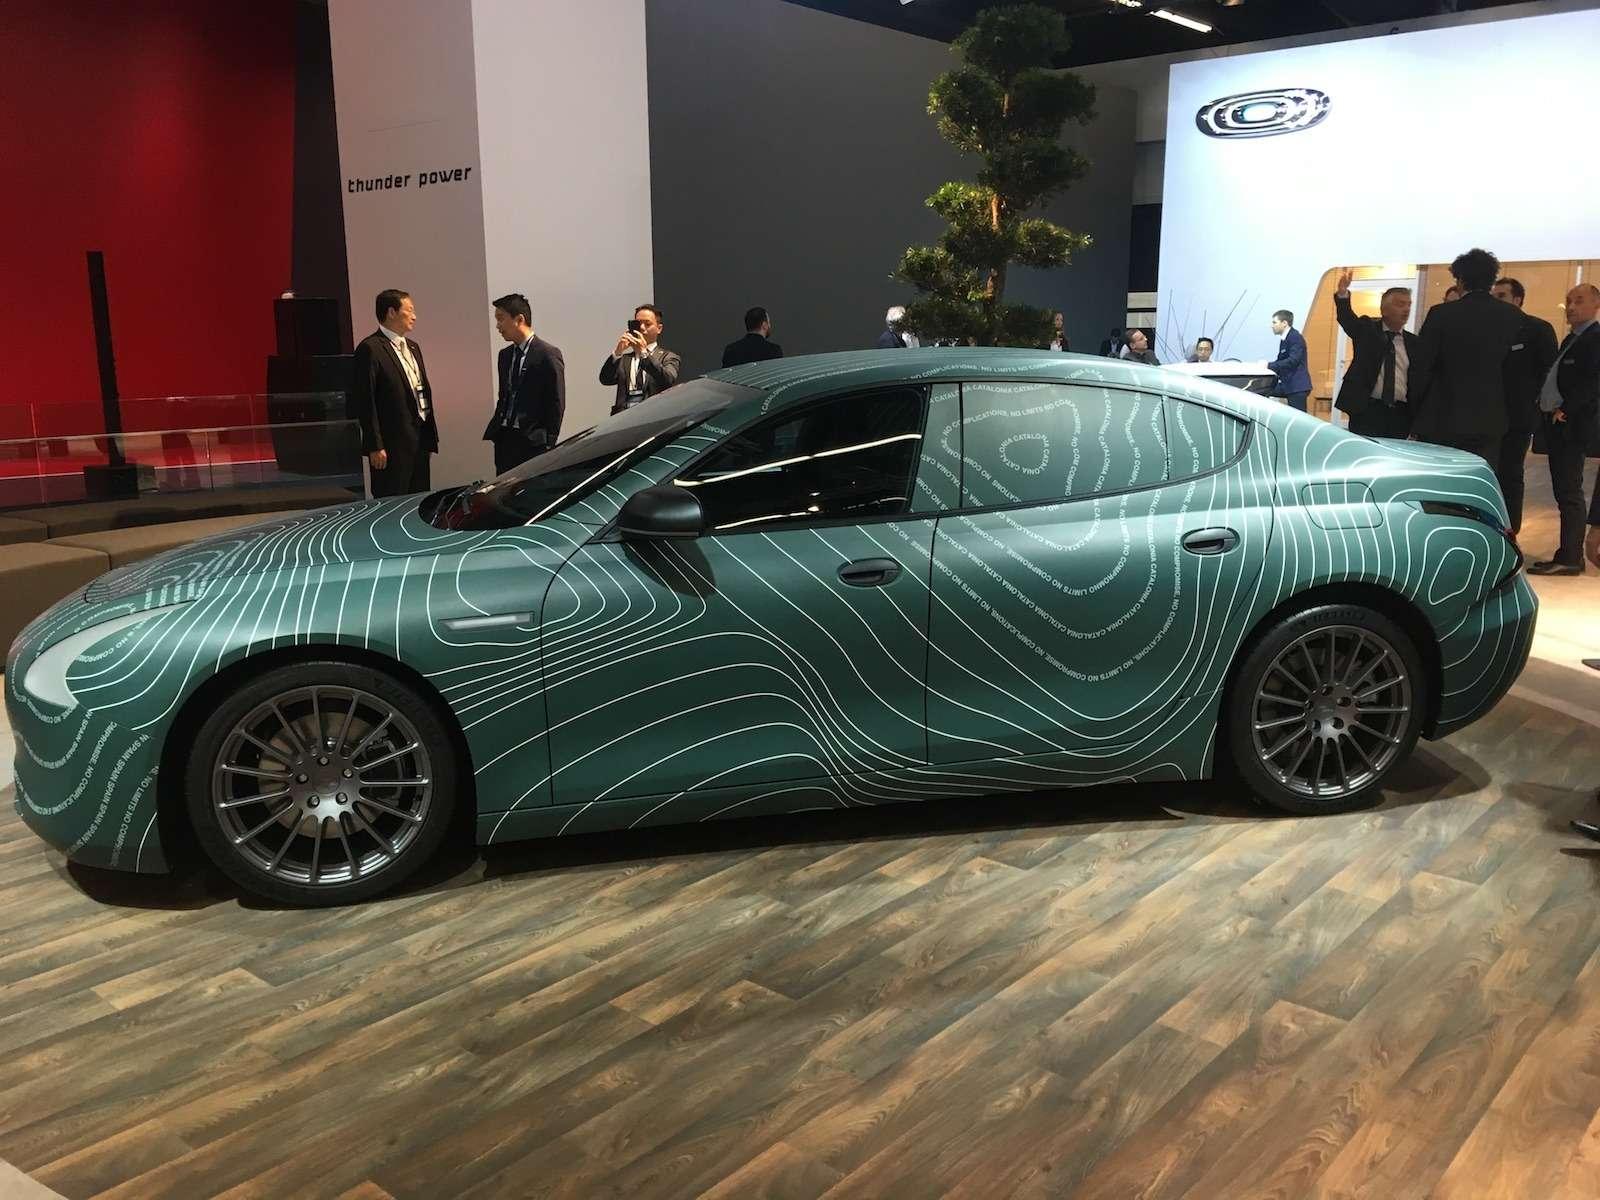 Новый Duster идругие премьеры автосалона воФранкфурте: онлайн-трансляция. Часть 1— фото 793695